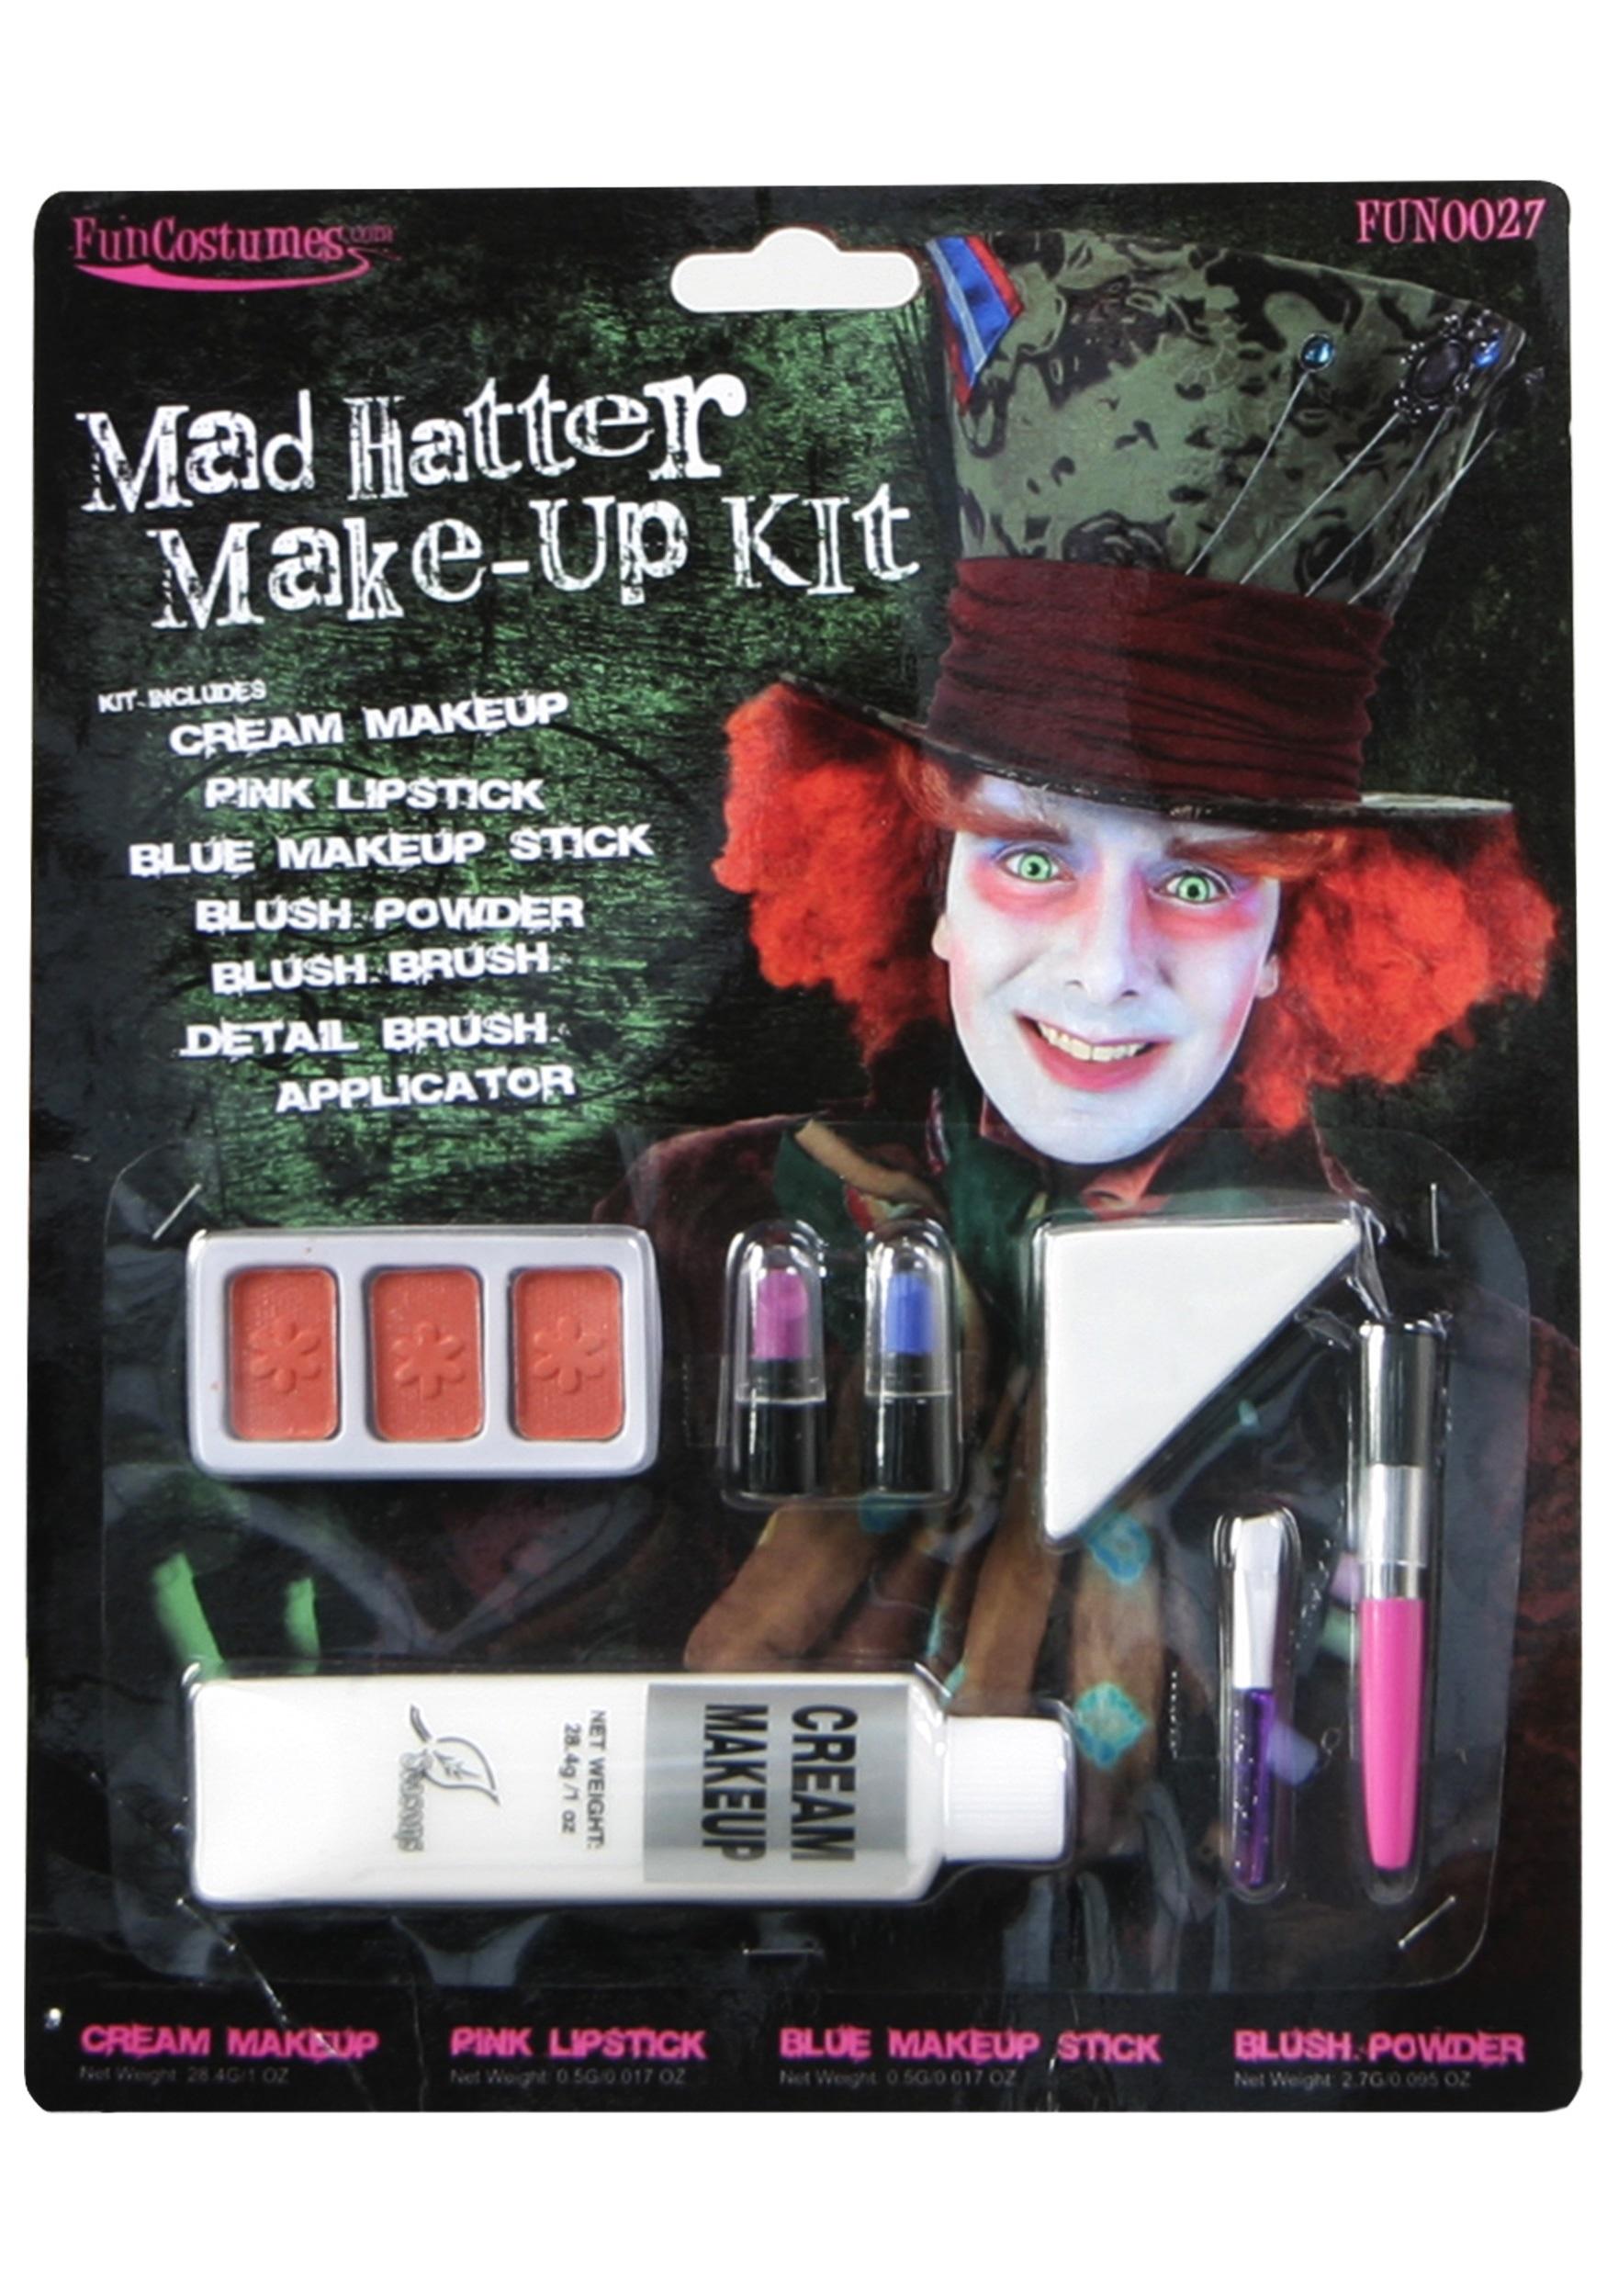 Mad Hatter Makeup Kit - Walmart.com